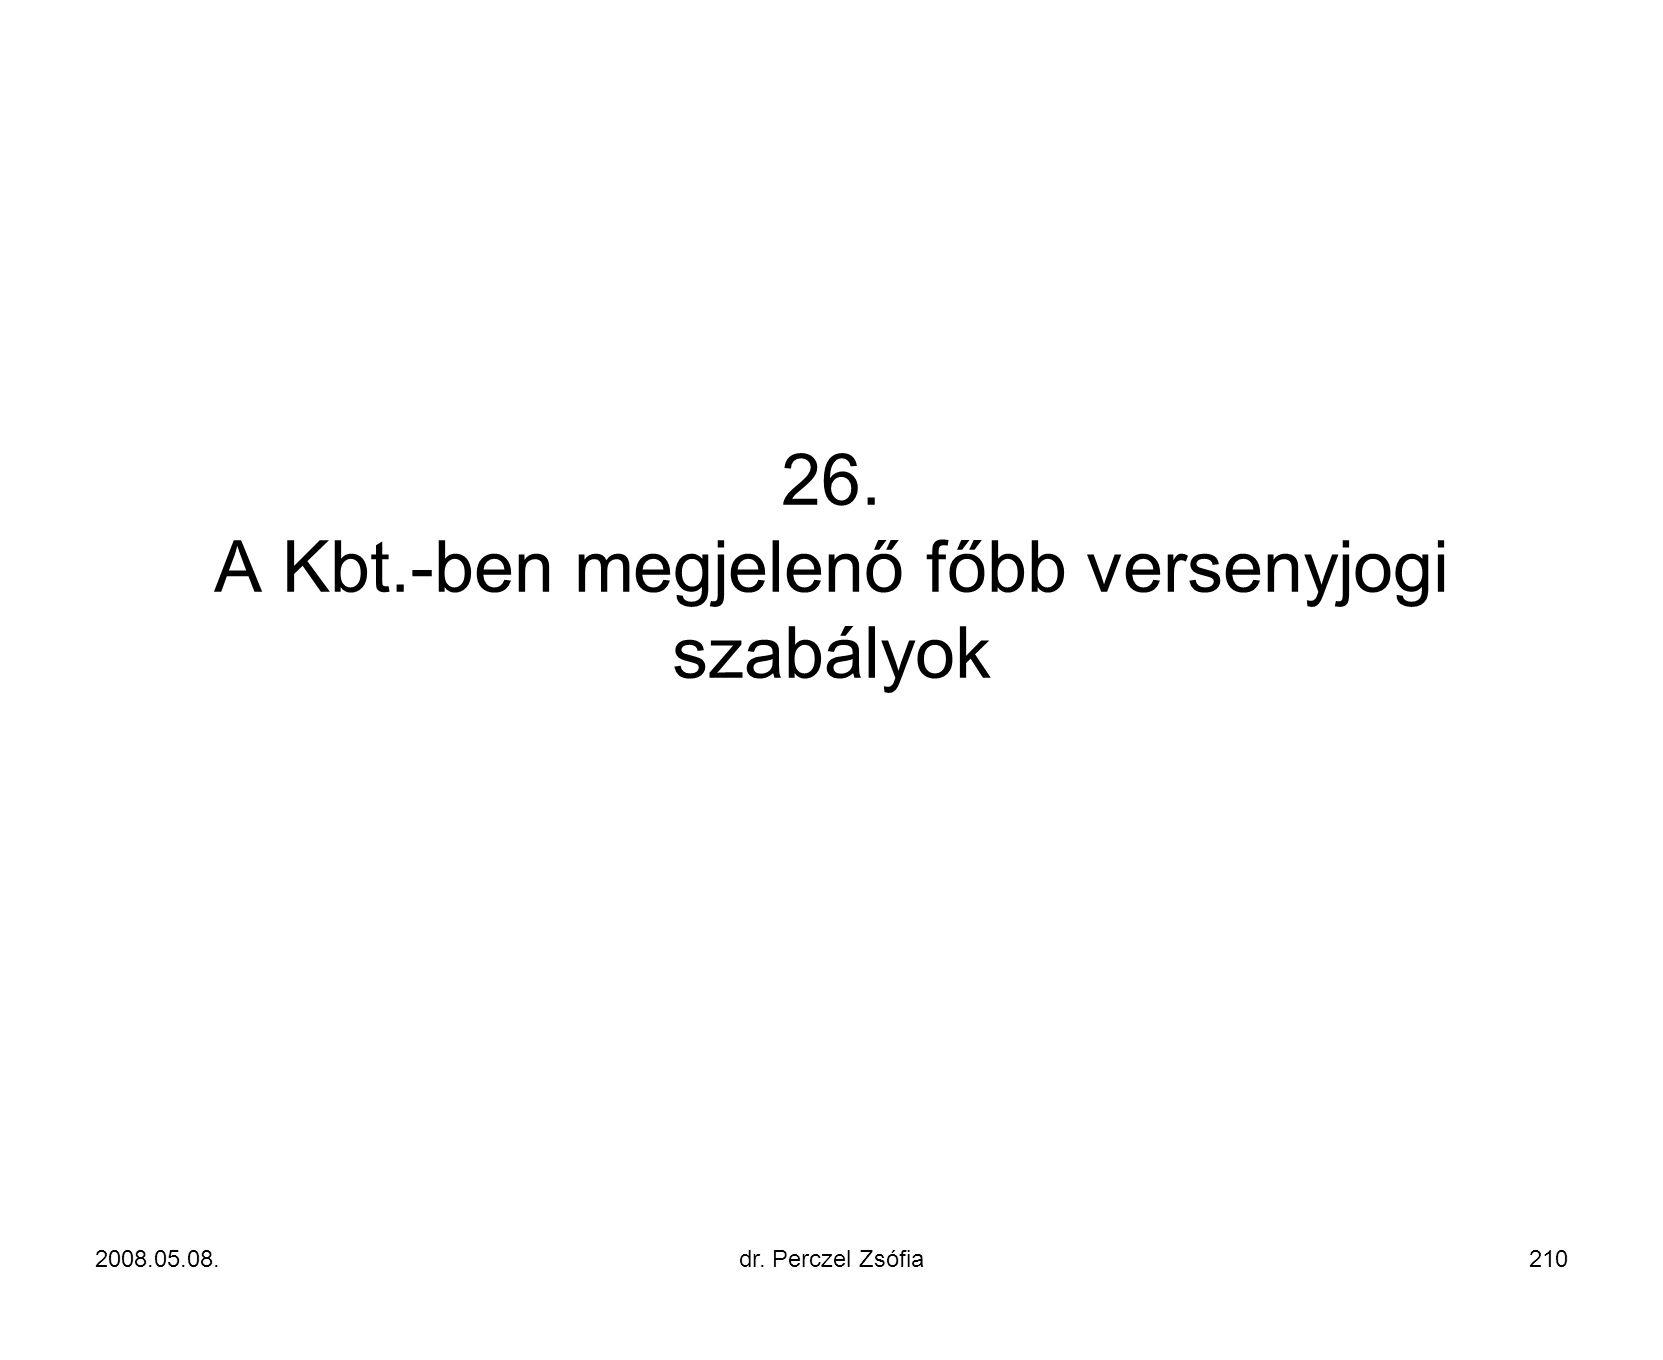 26. A Kbt.-ben megjelenő főbb versenyjogi szabályok